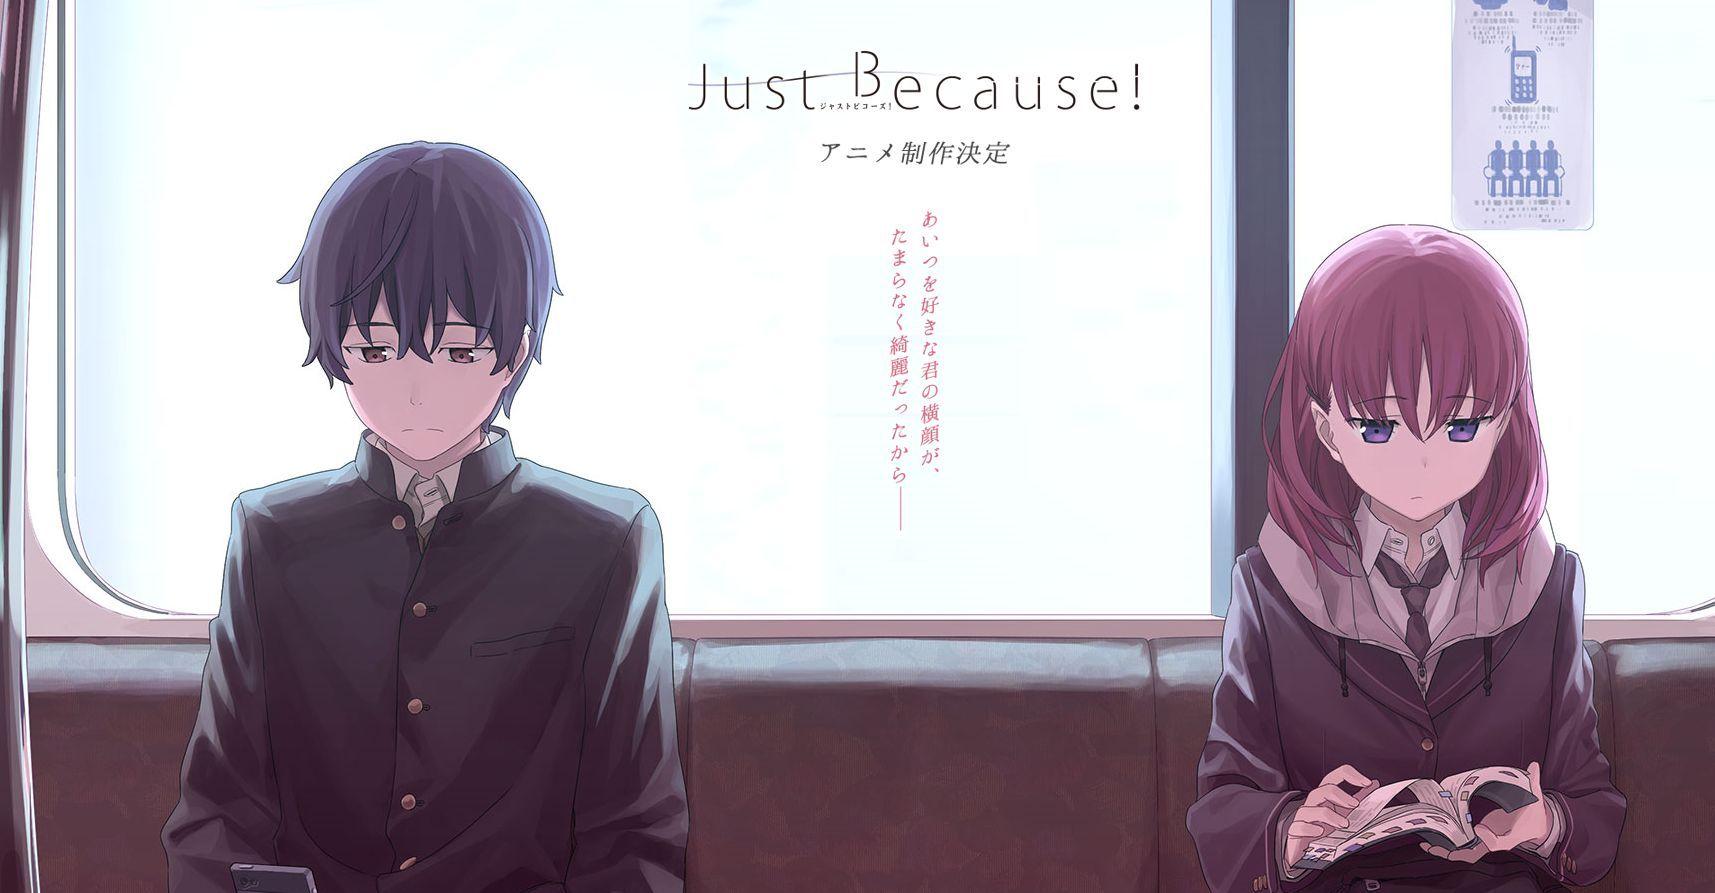 Kết quả hình ảnh cho just because anime Anime, Hình ảnh